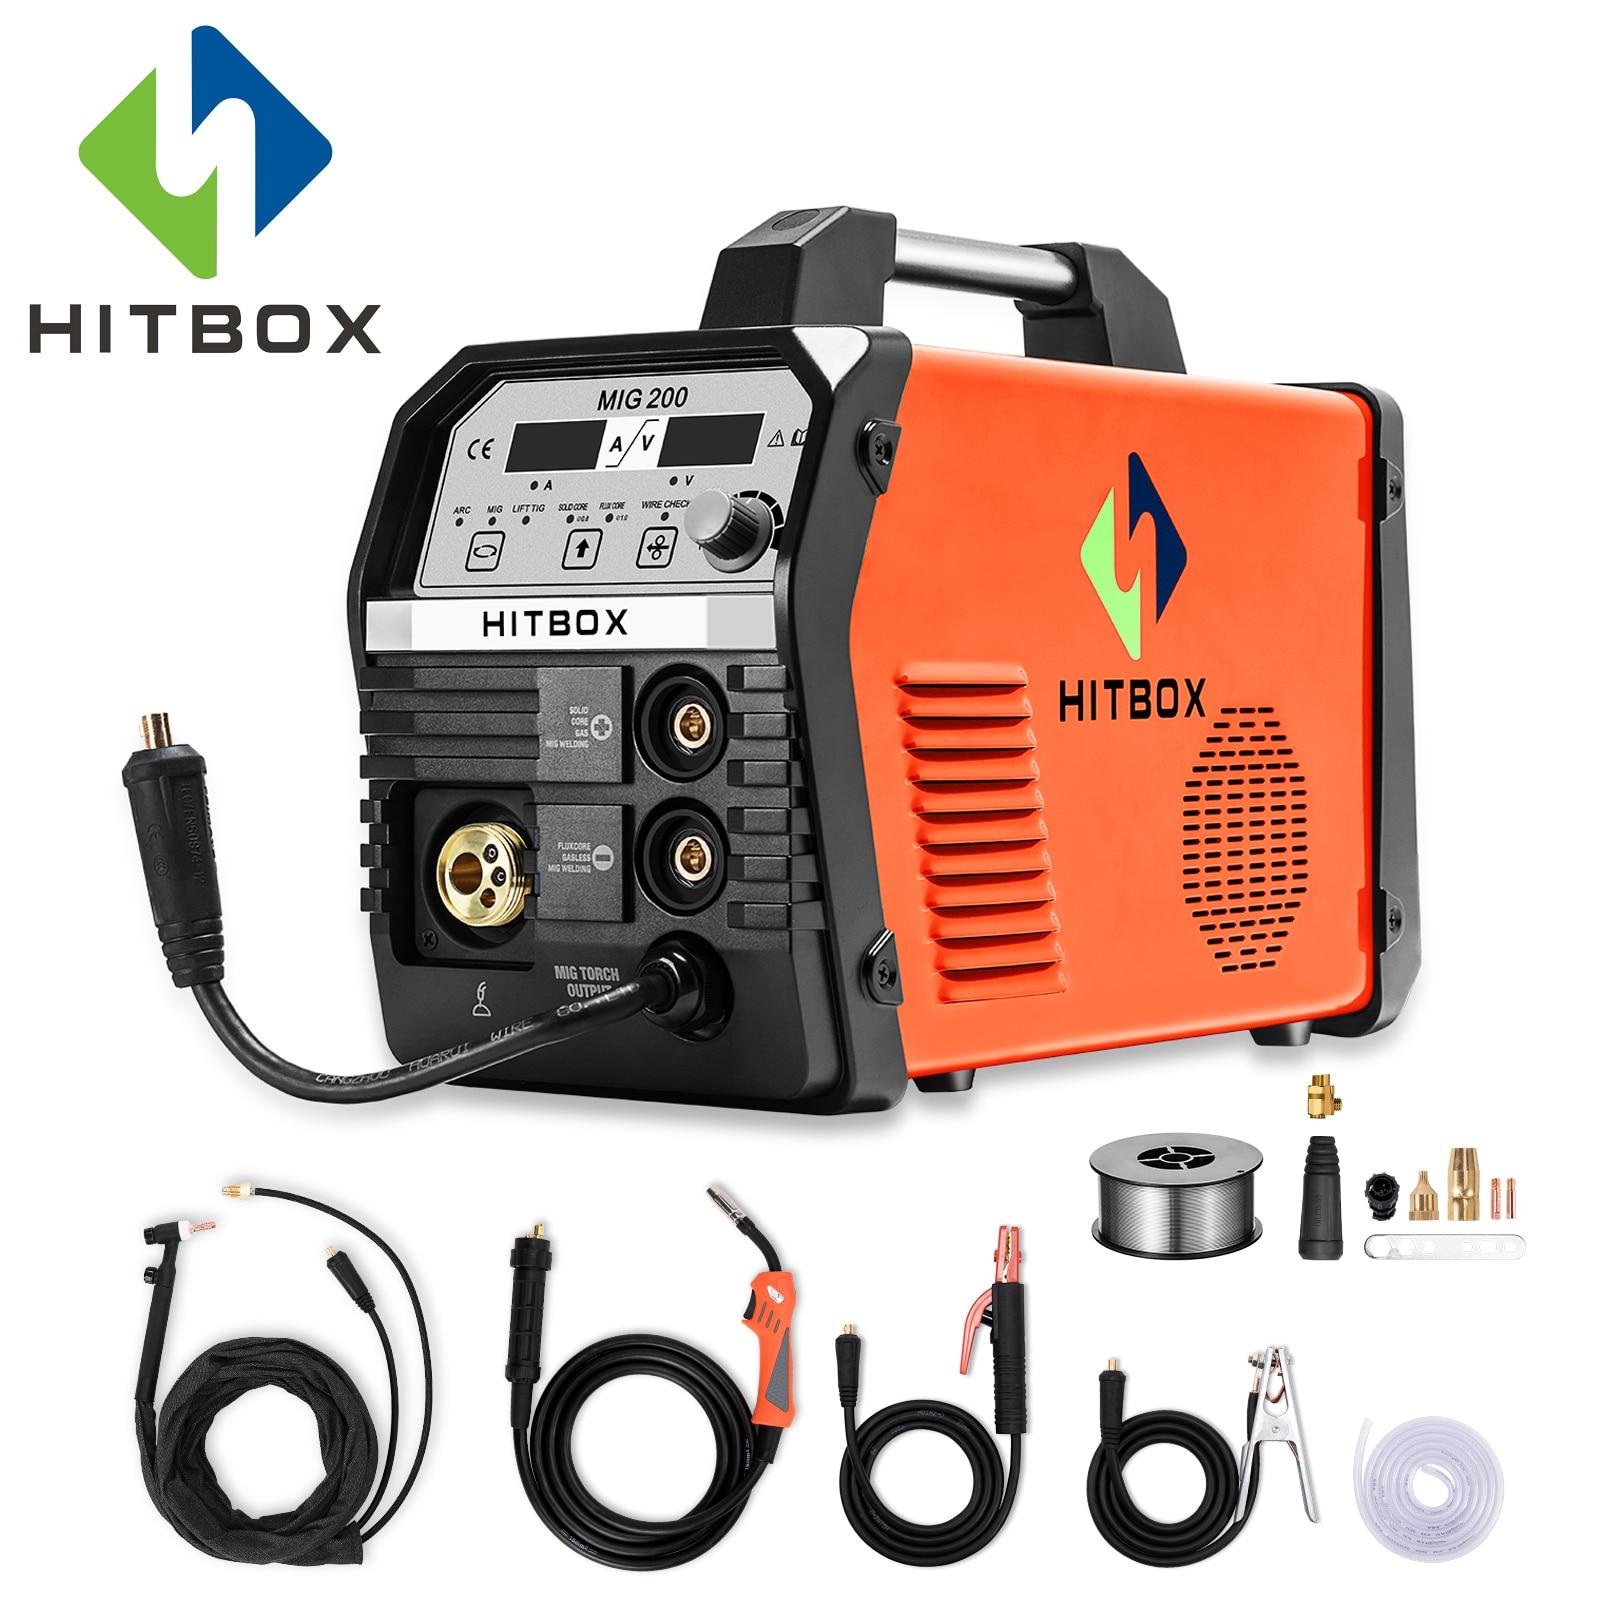 Soldadores MIG HITBOX 200A MIG200A 220 V Máquina de Solda MIG Gás Para Soldagem de Aço Inoxidável E Carbono Com Acessórios